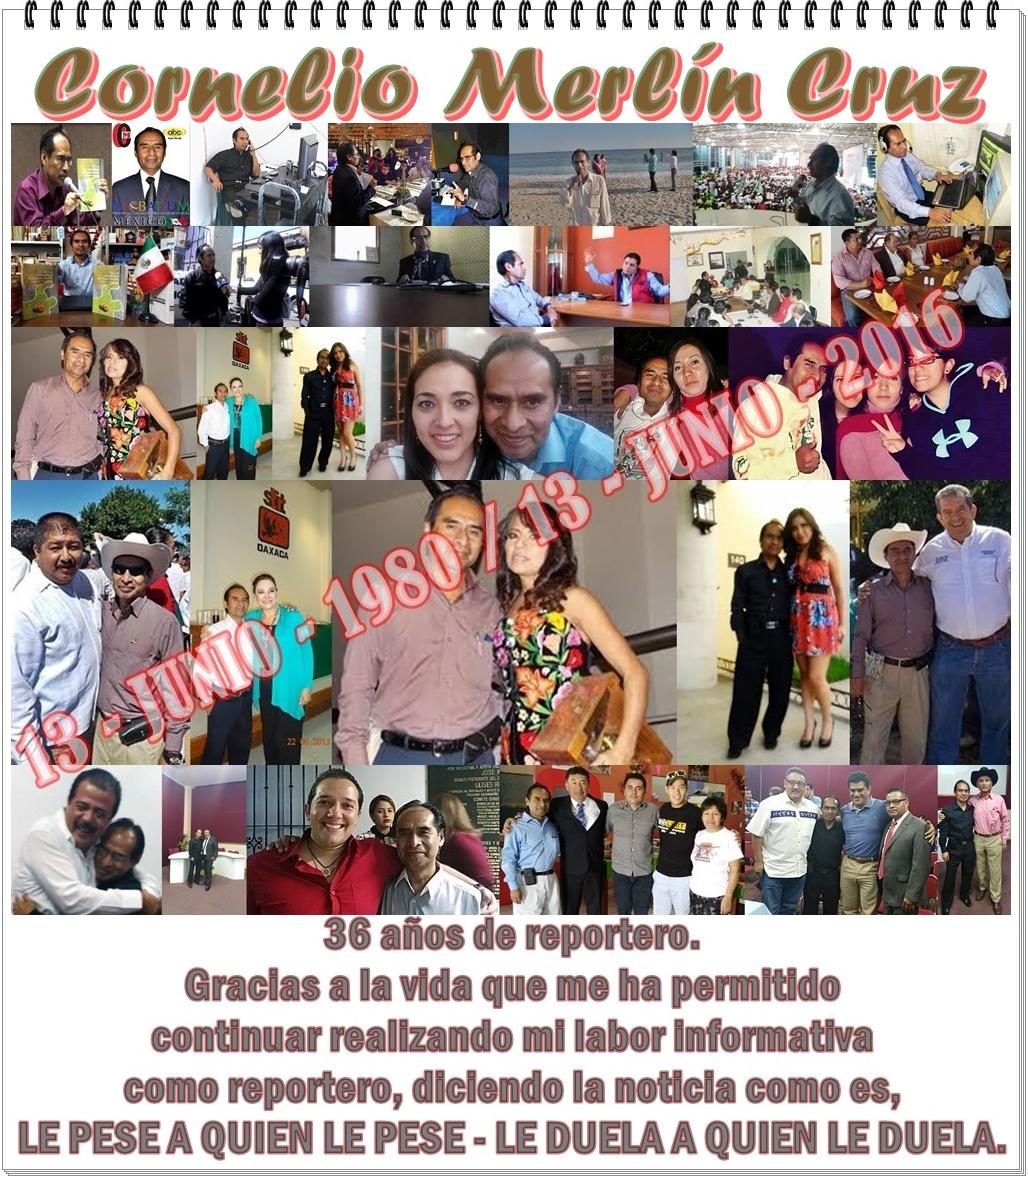 GRACIAS POR 36 AÑOS DE LABOR INFORMATIVA.